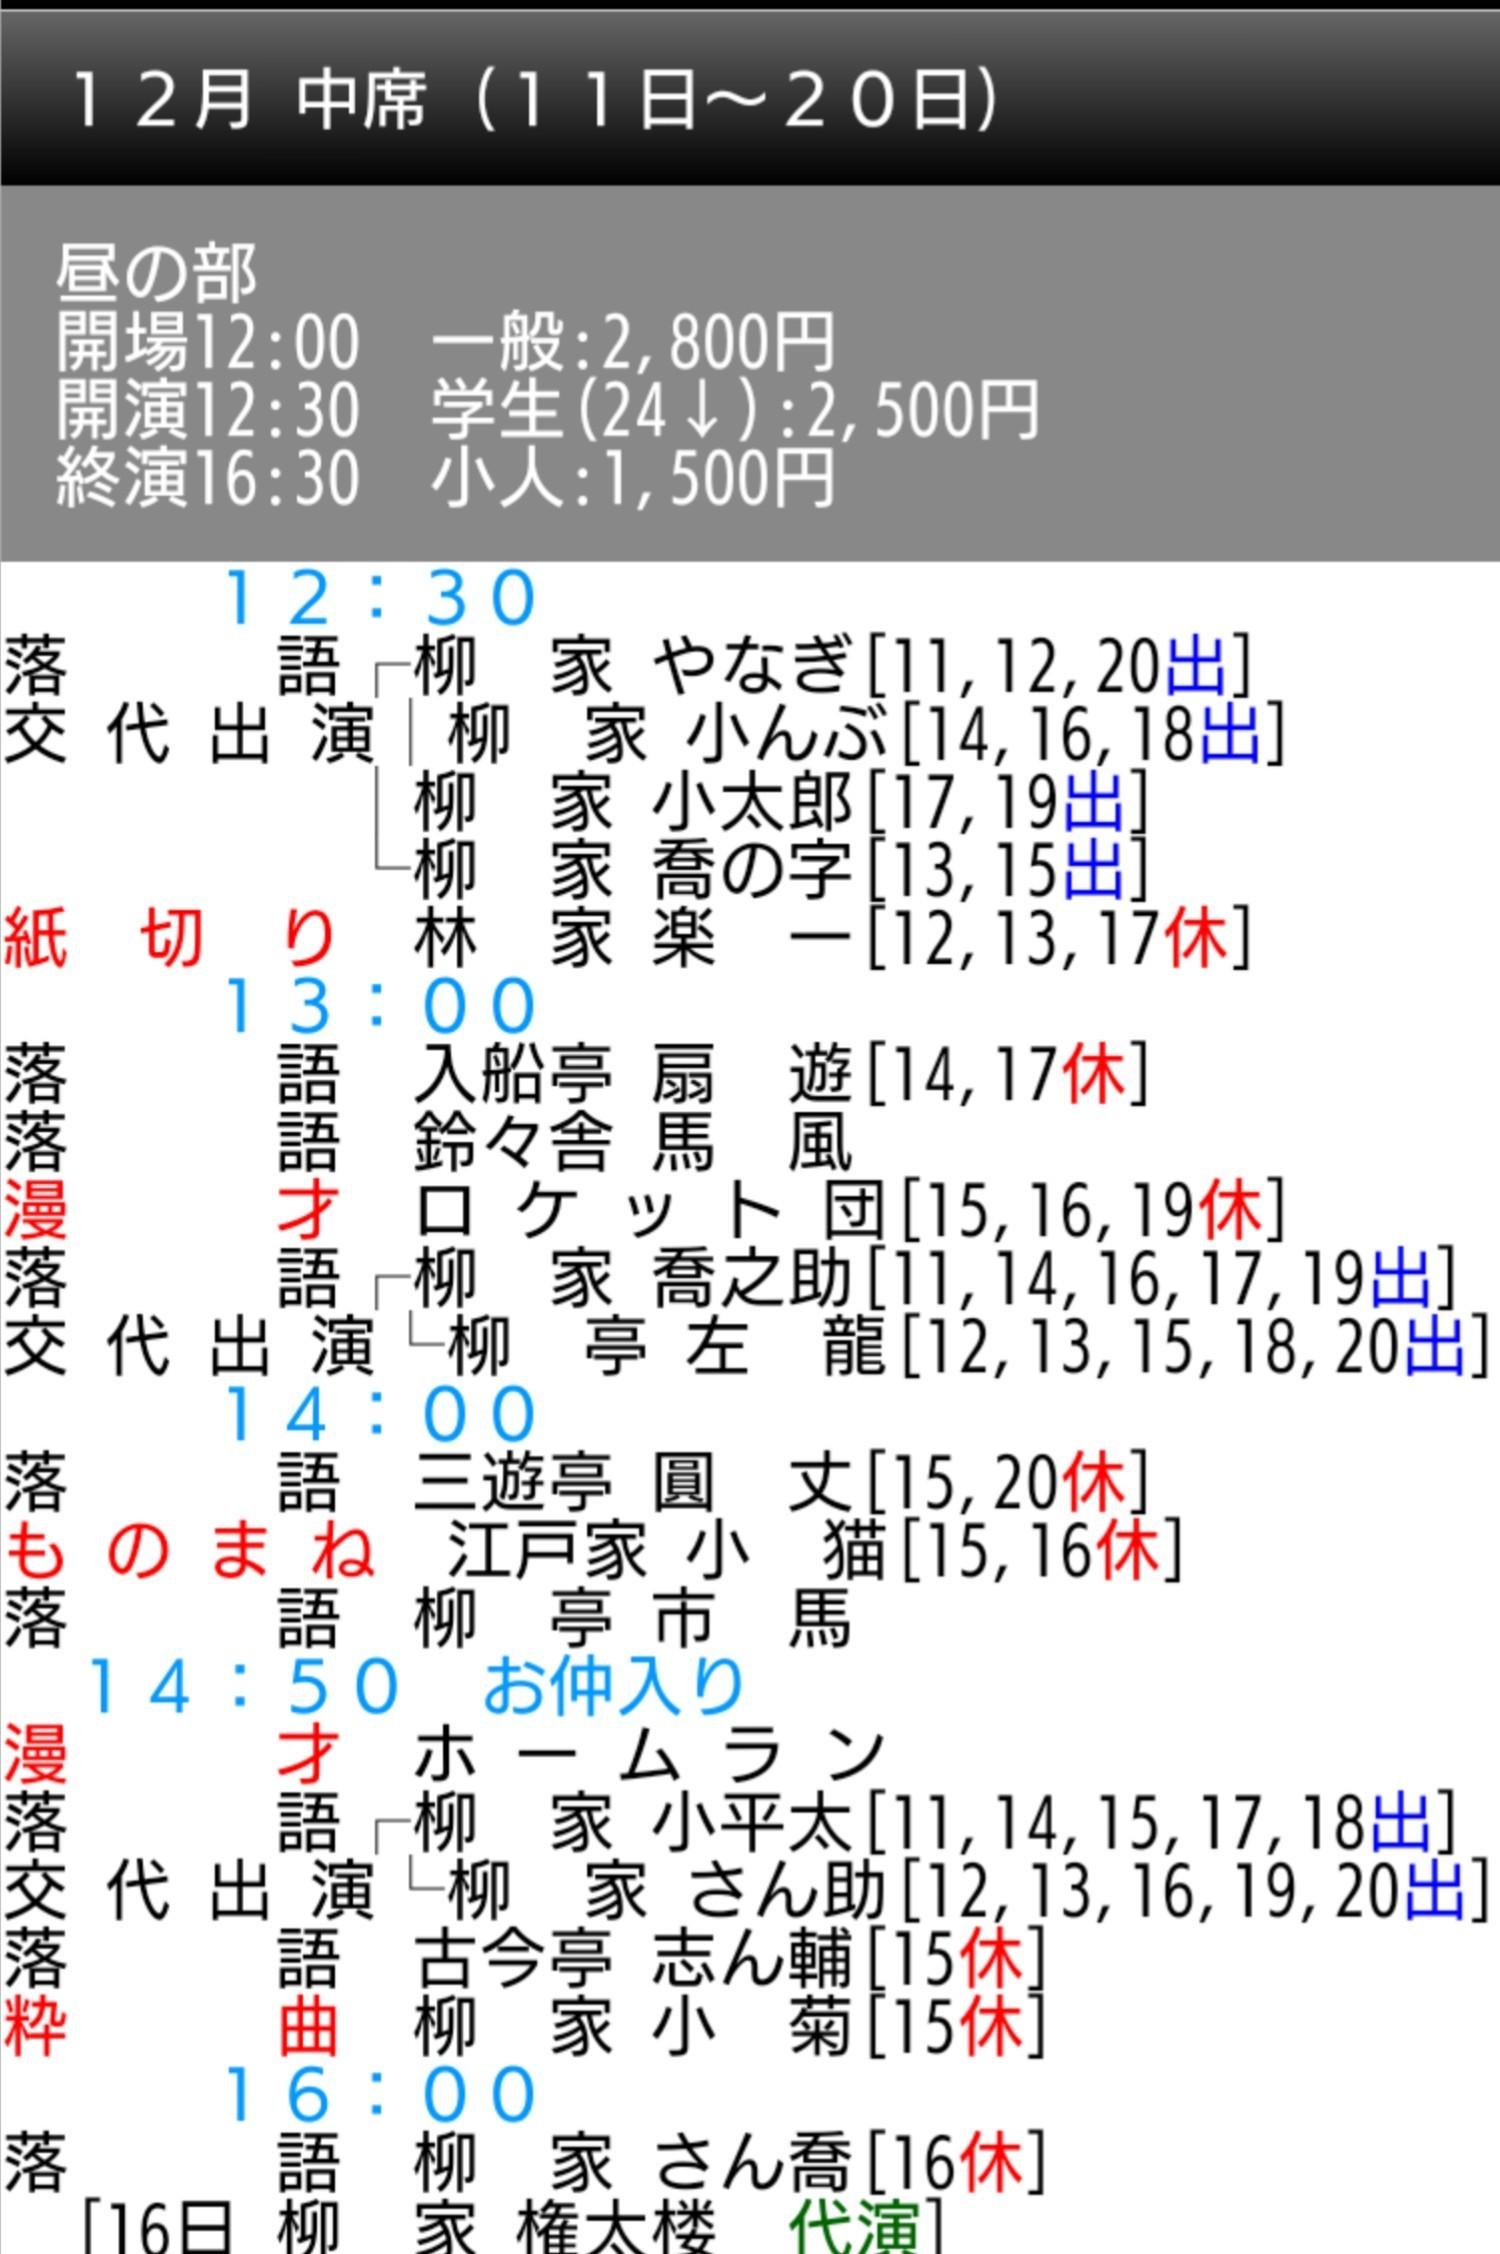 鈴本演芸場12月中席